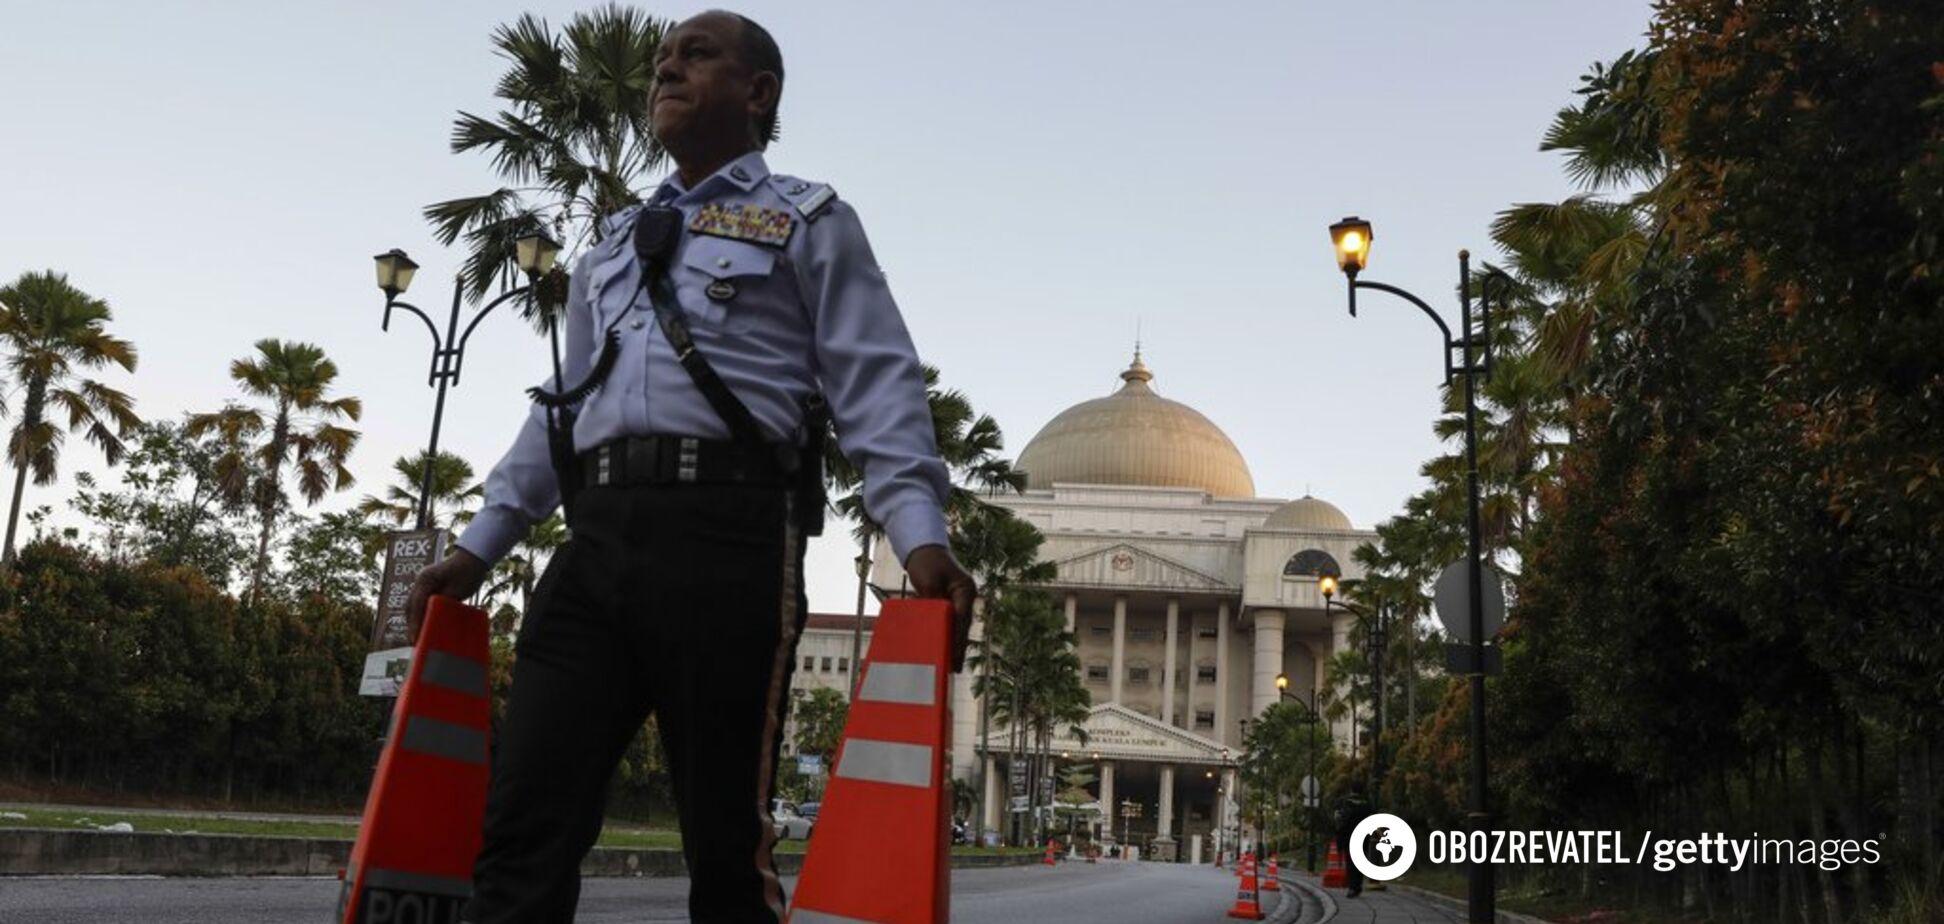 Жонглювали дитиною! Росіяни потрапили в гучний скандал в Малайзії. Відео